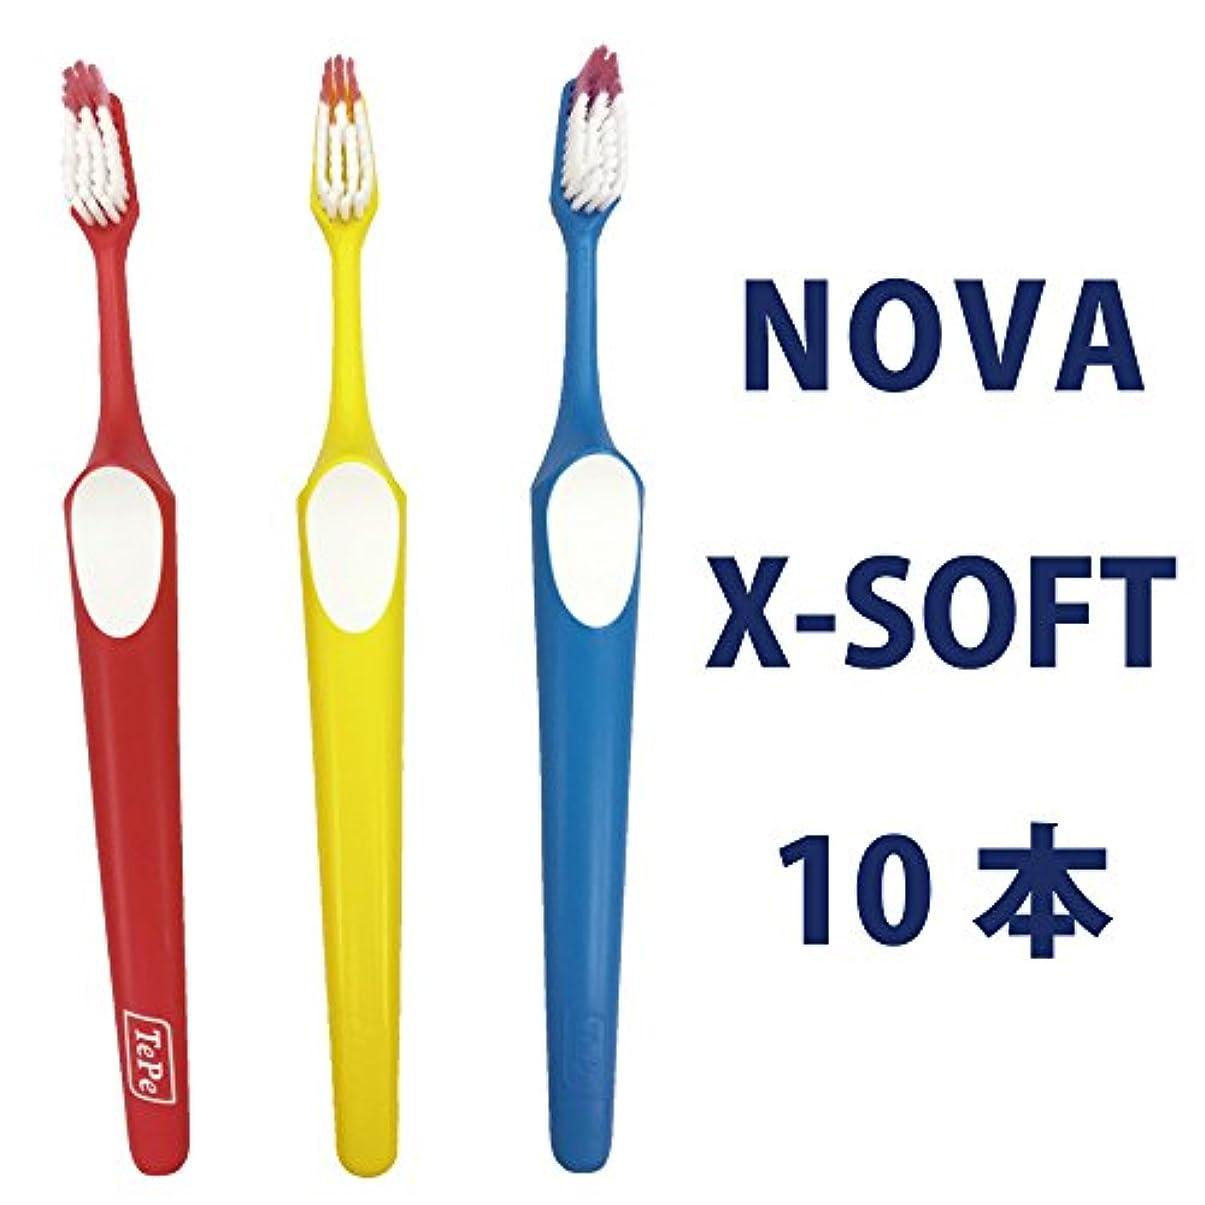 公使館臨検十一テペ ノバ エキストラソフト(極やわらかめ)奥歯がみがきやすい 10本 NEWカラー